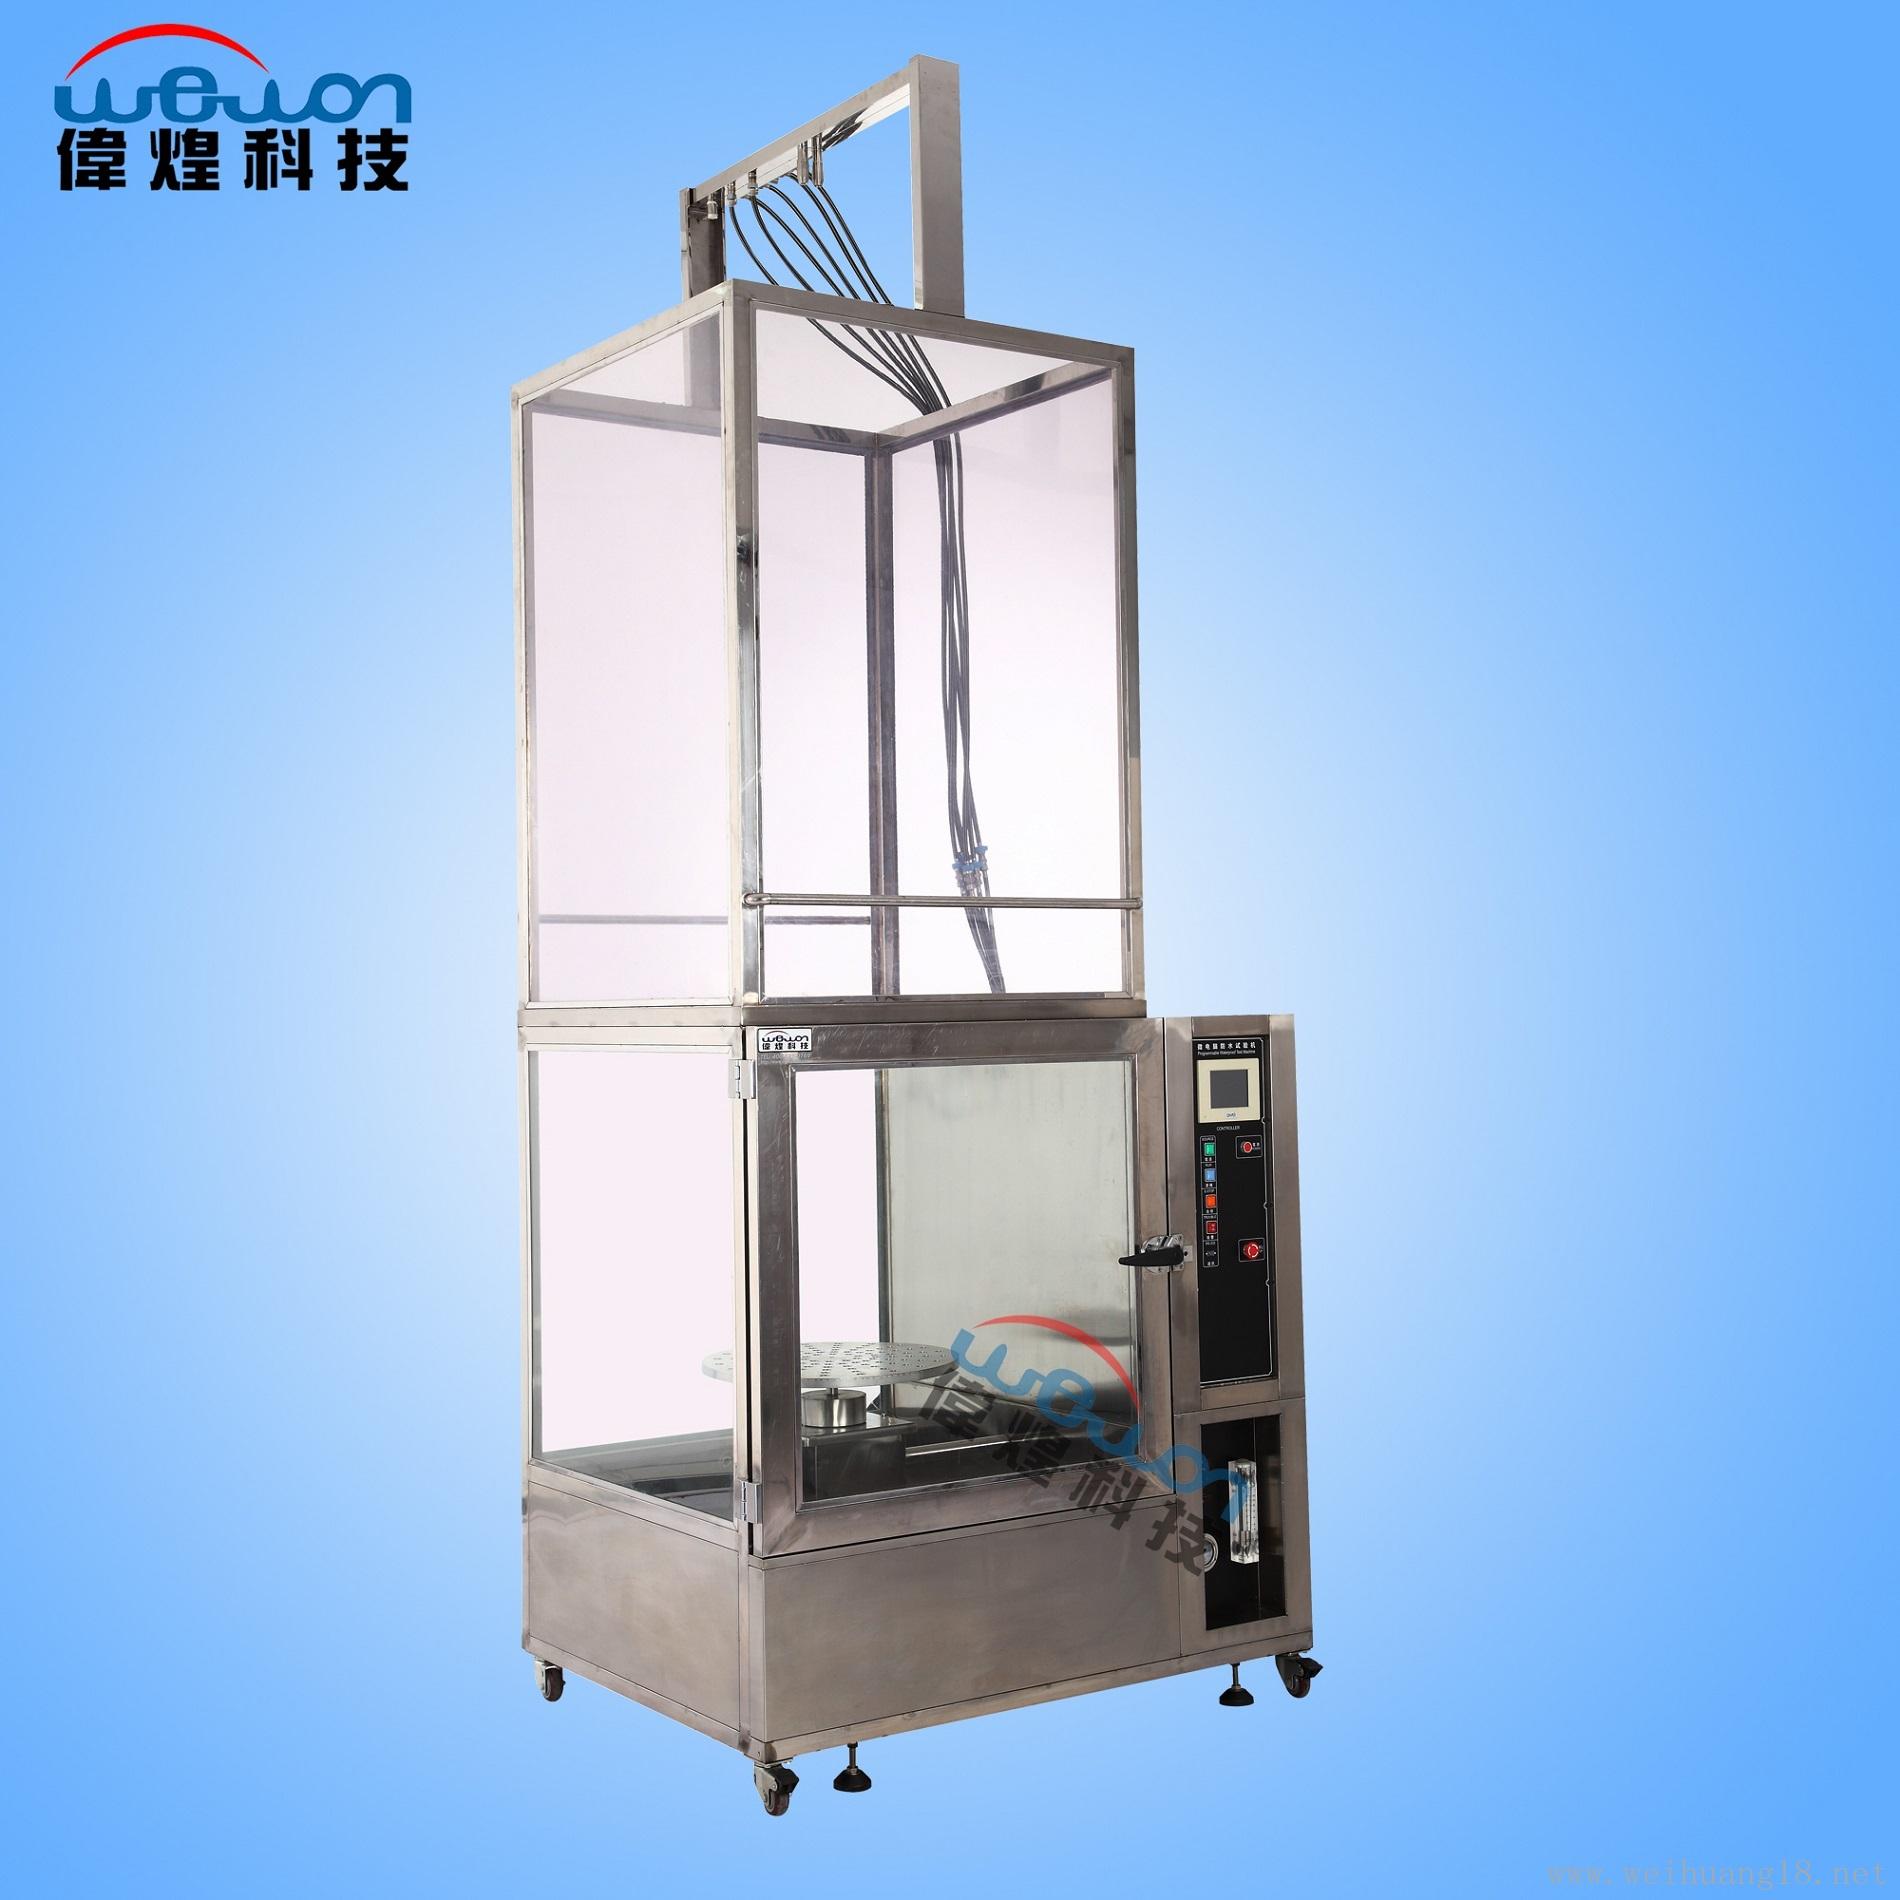 滴水试验装置,摆管淋雨试验箱_供应信息_化工仪器网